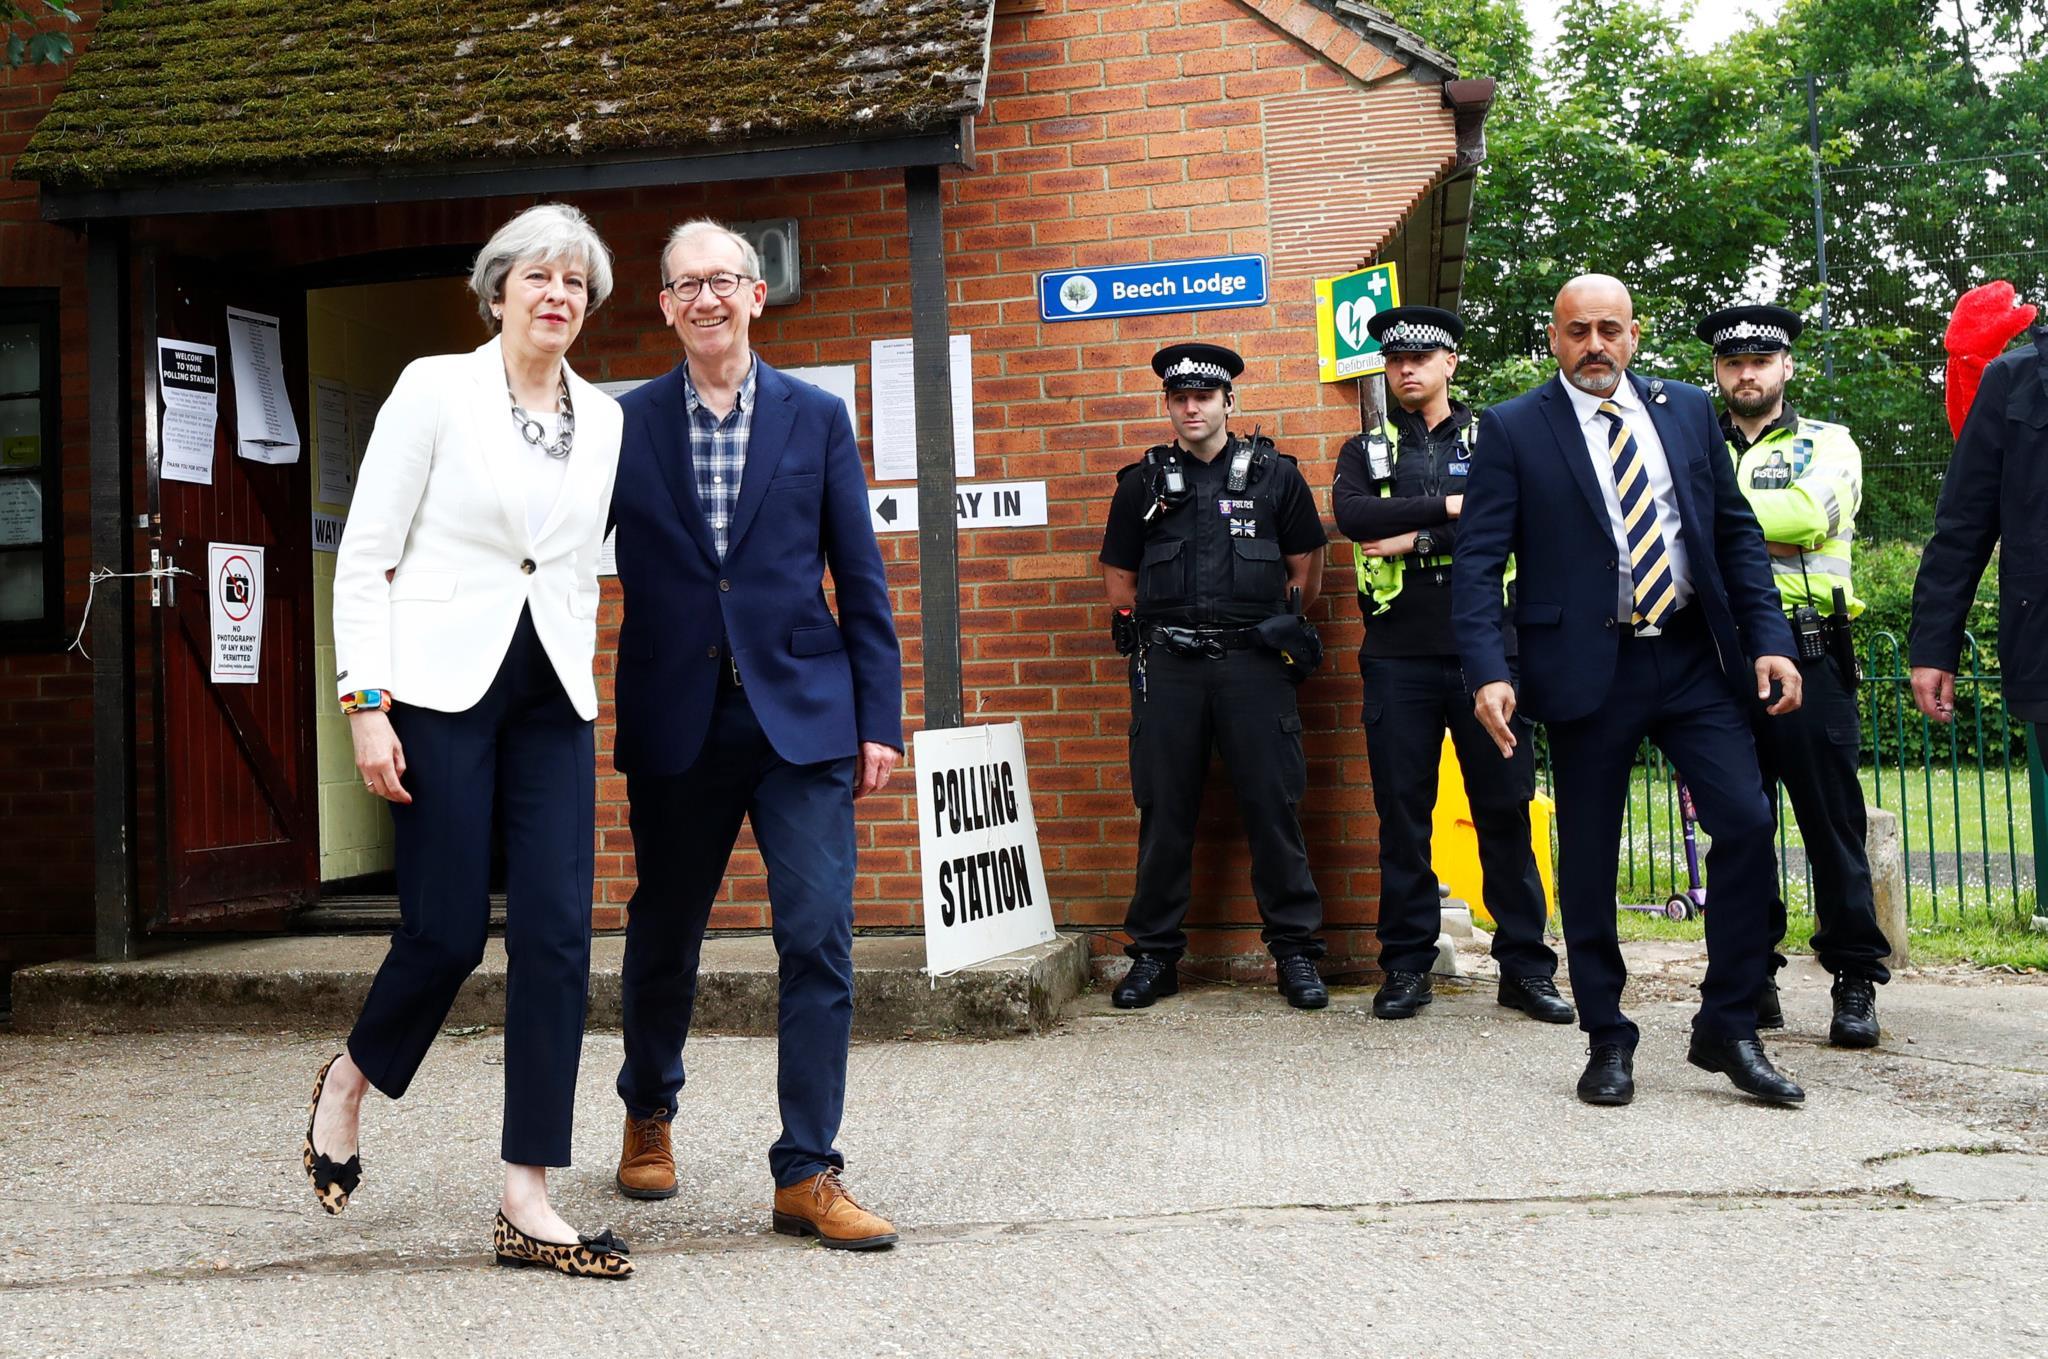 A primeira-ministra britânica, Theresa May, depois de votar, em Sonning, nesta quinta-feira, acompanhada pelo marido